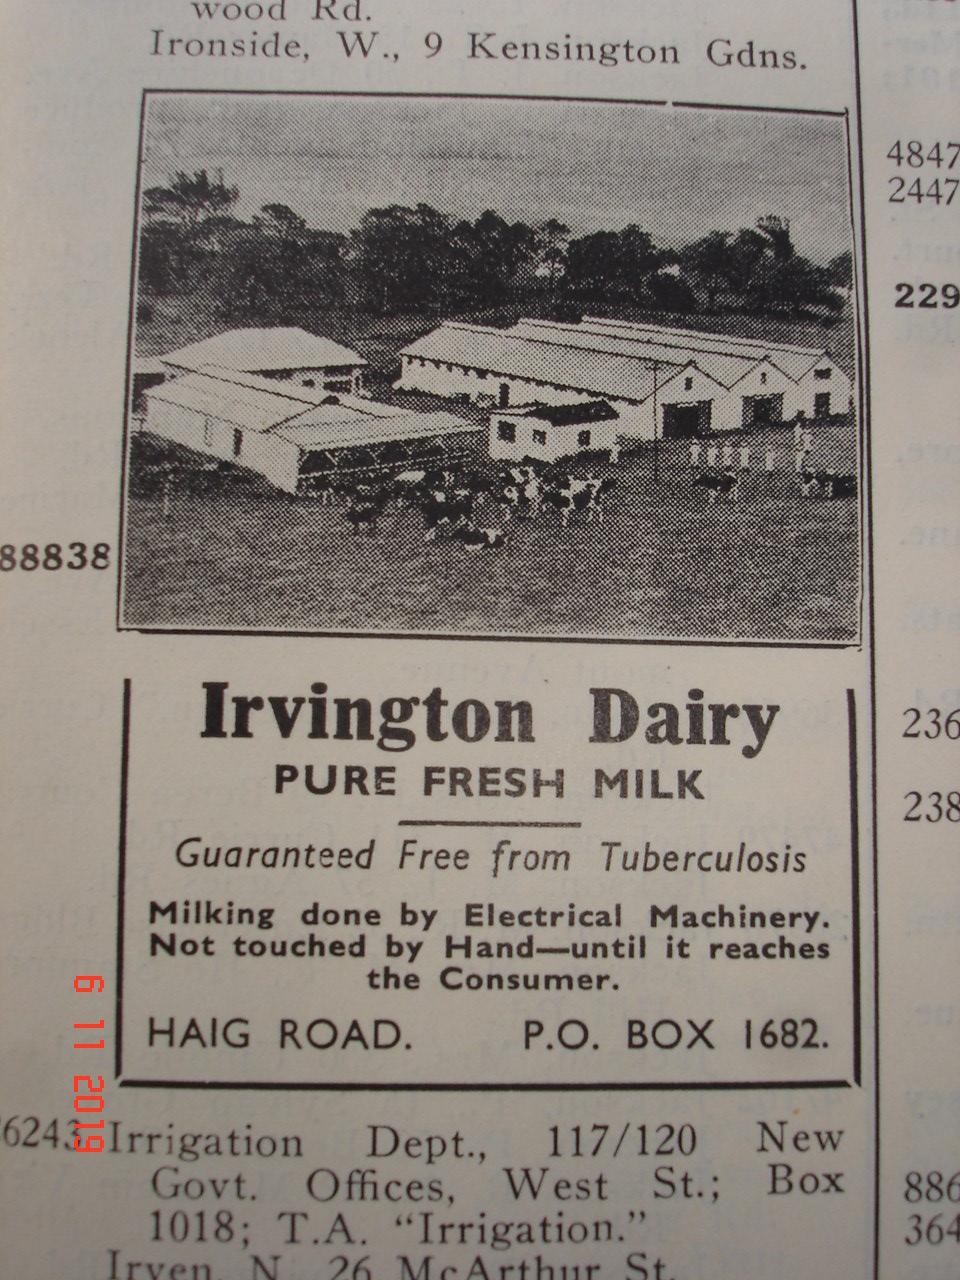 Irvington Dairy